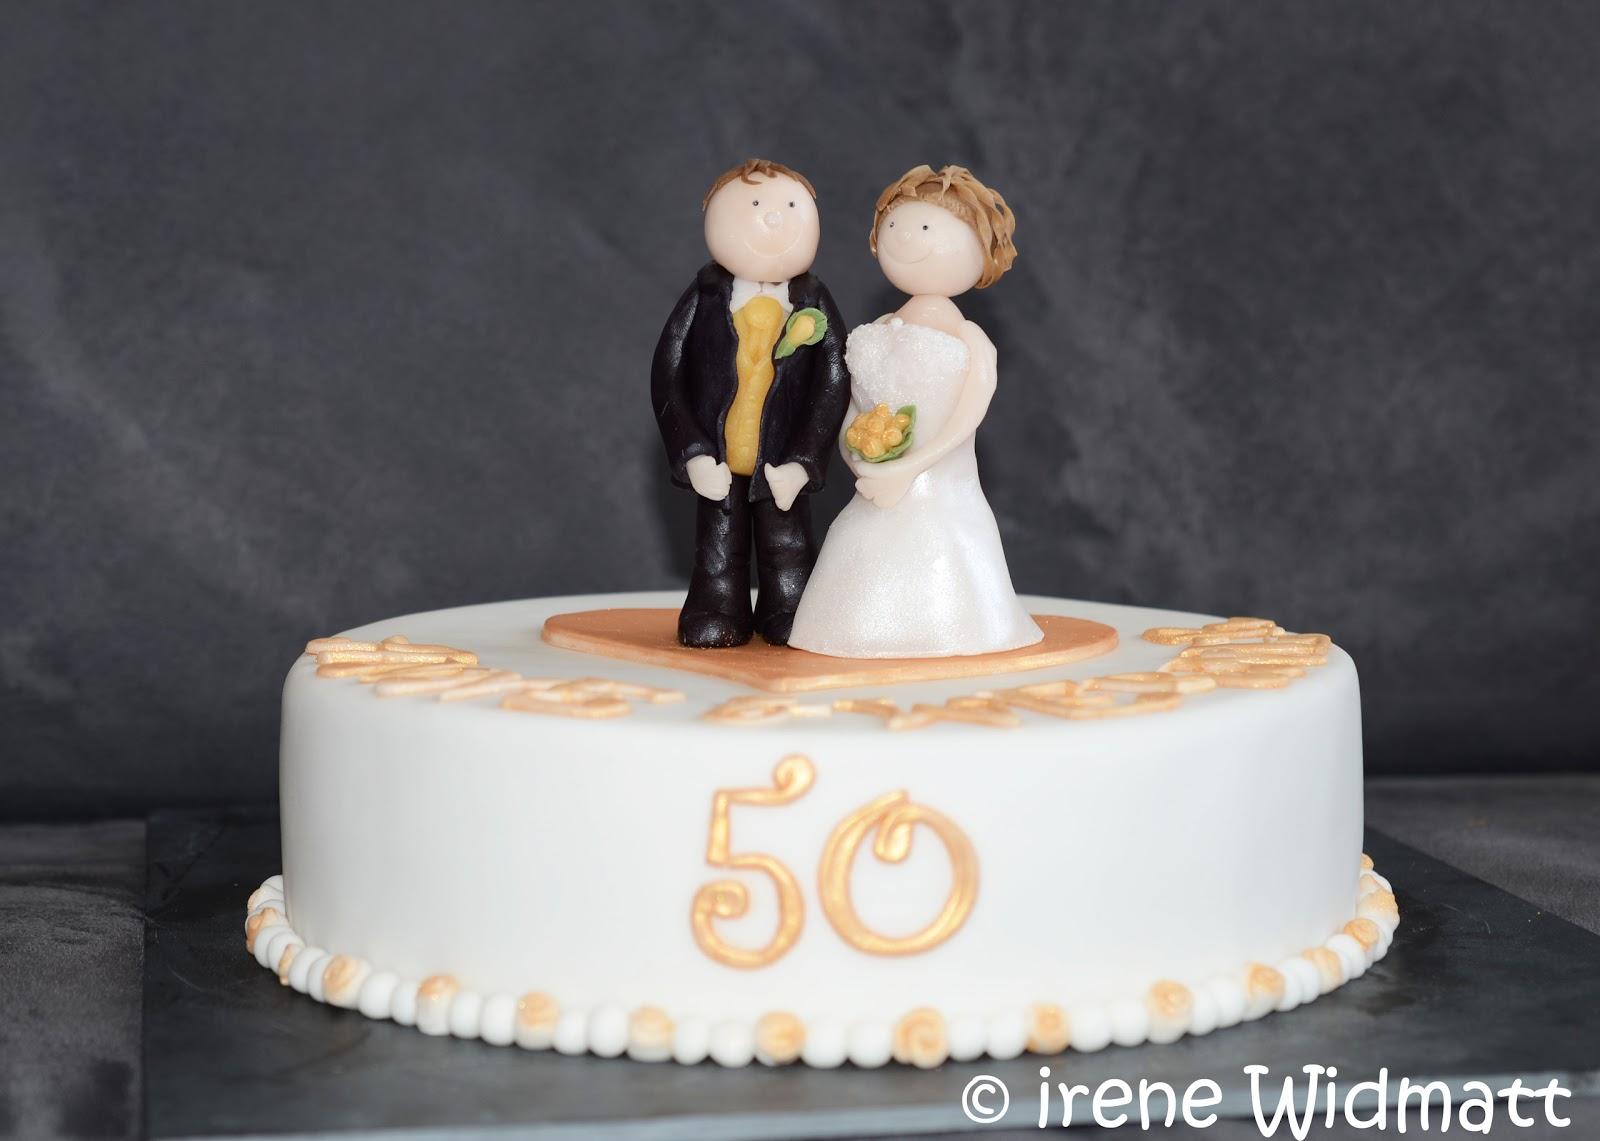 Goldene Hochzeit 50 Jahre Jubiläum Auftragstorte Widmatt